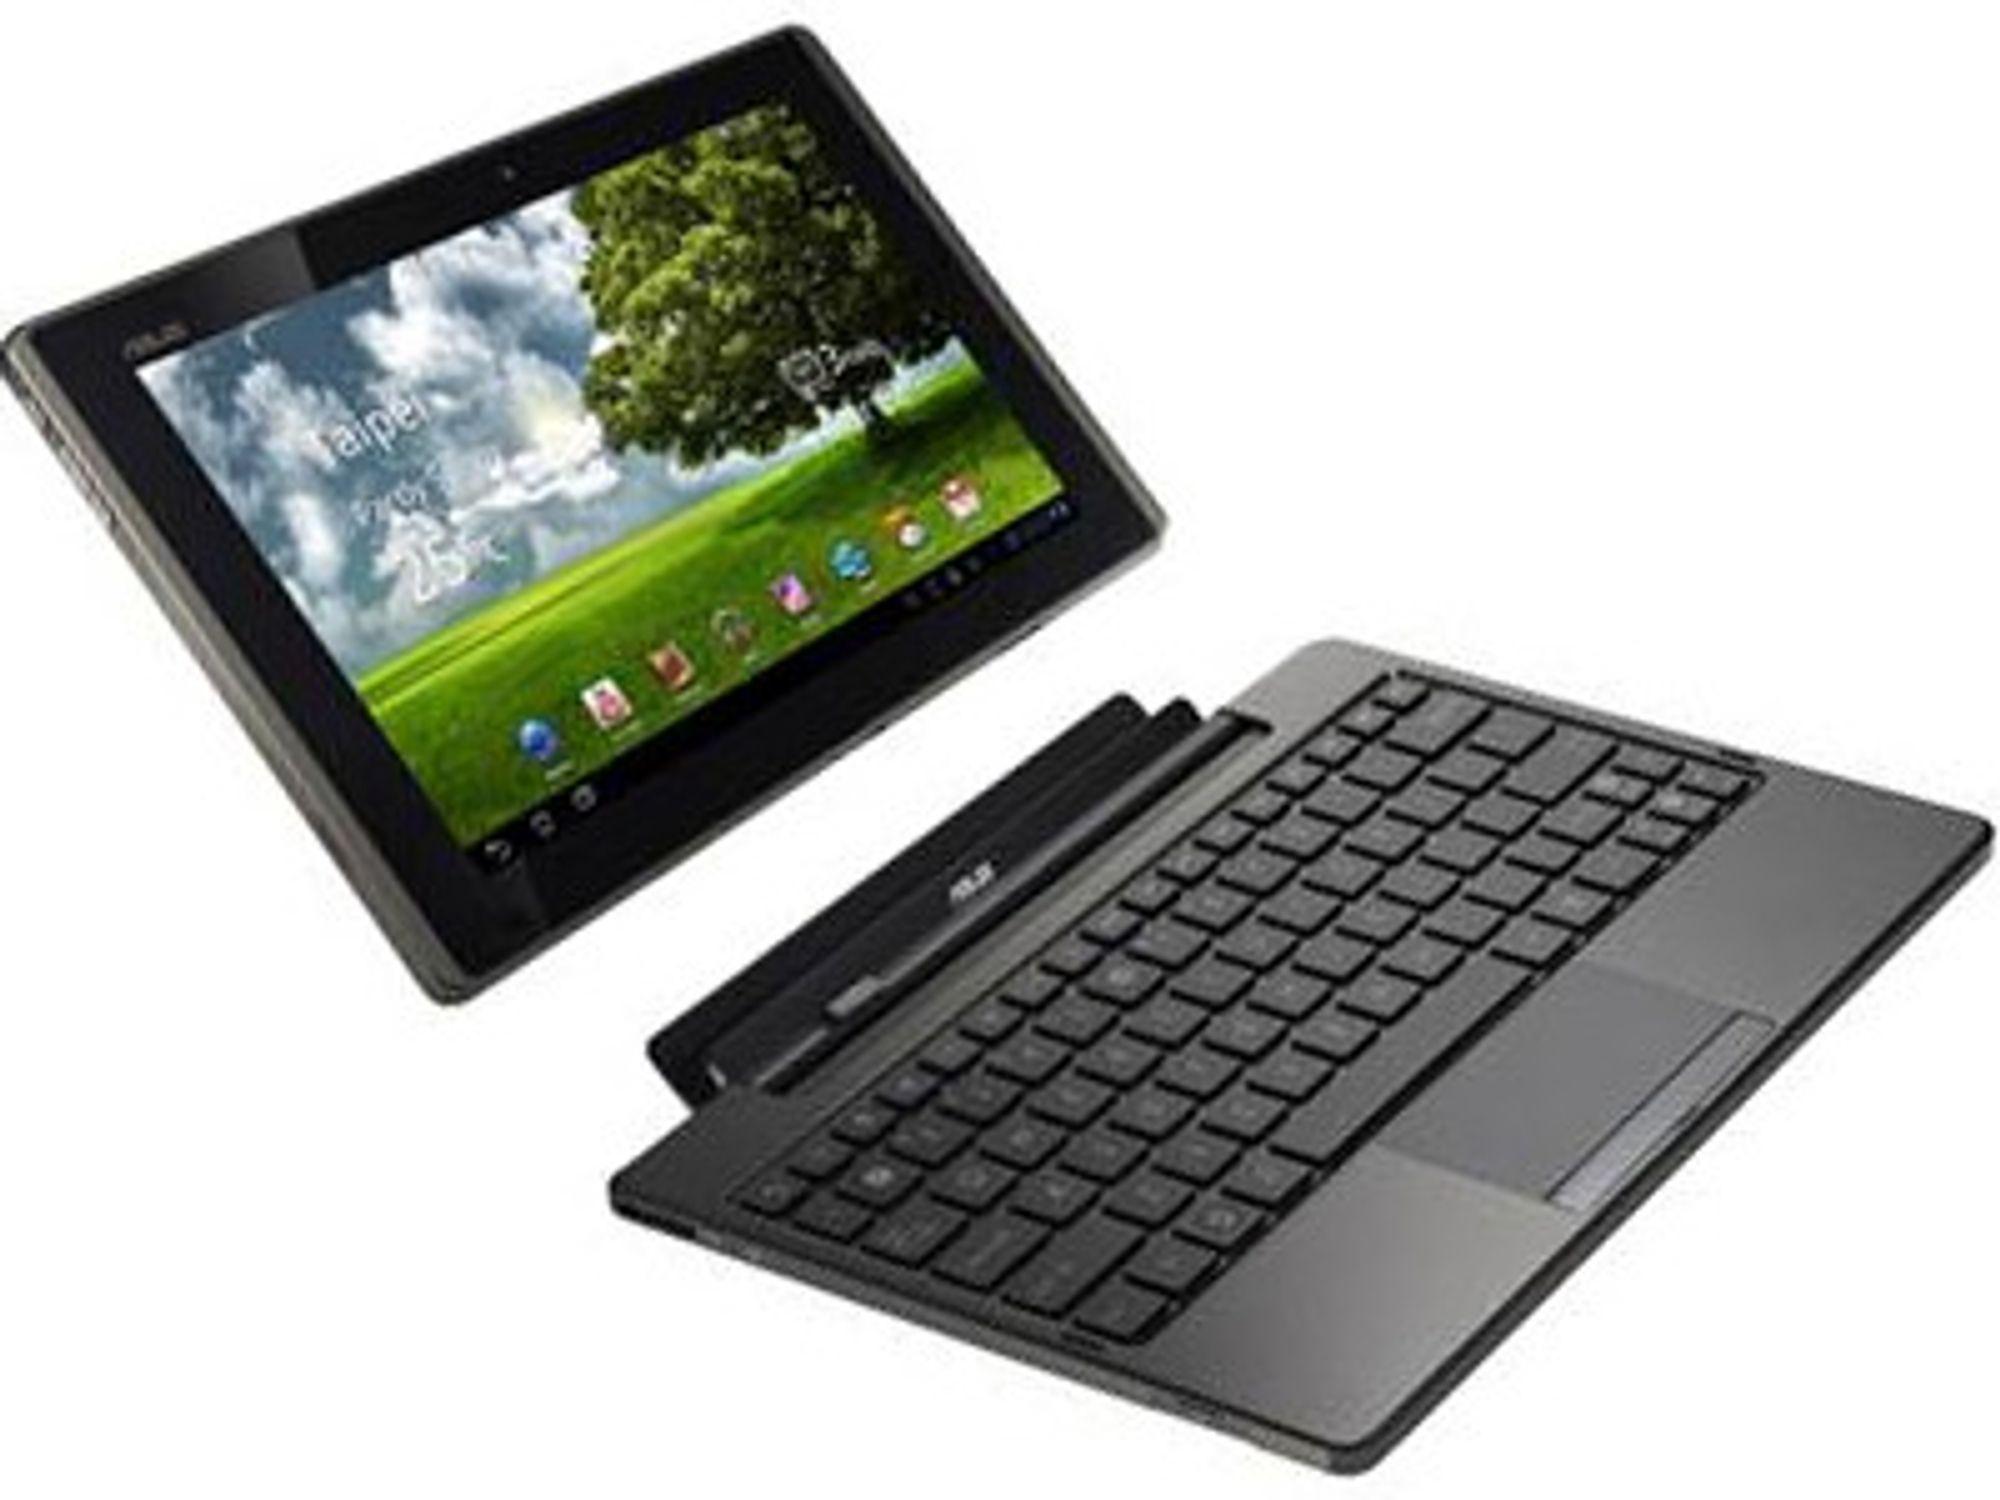 Nettbrettet Eee Pad Transformer blir en slags pc når det tres på et tastatur. Tastaturet har ekstra batteri, USB-utganger, ekstra lagring og lokal programvare.